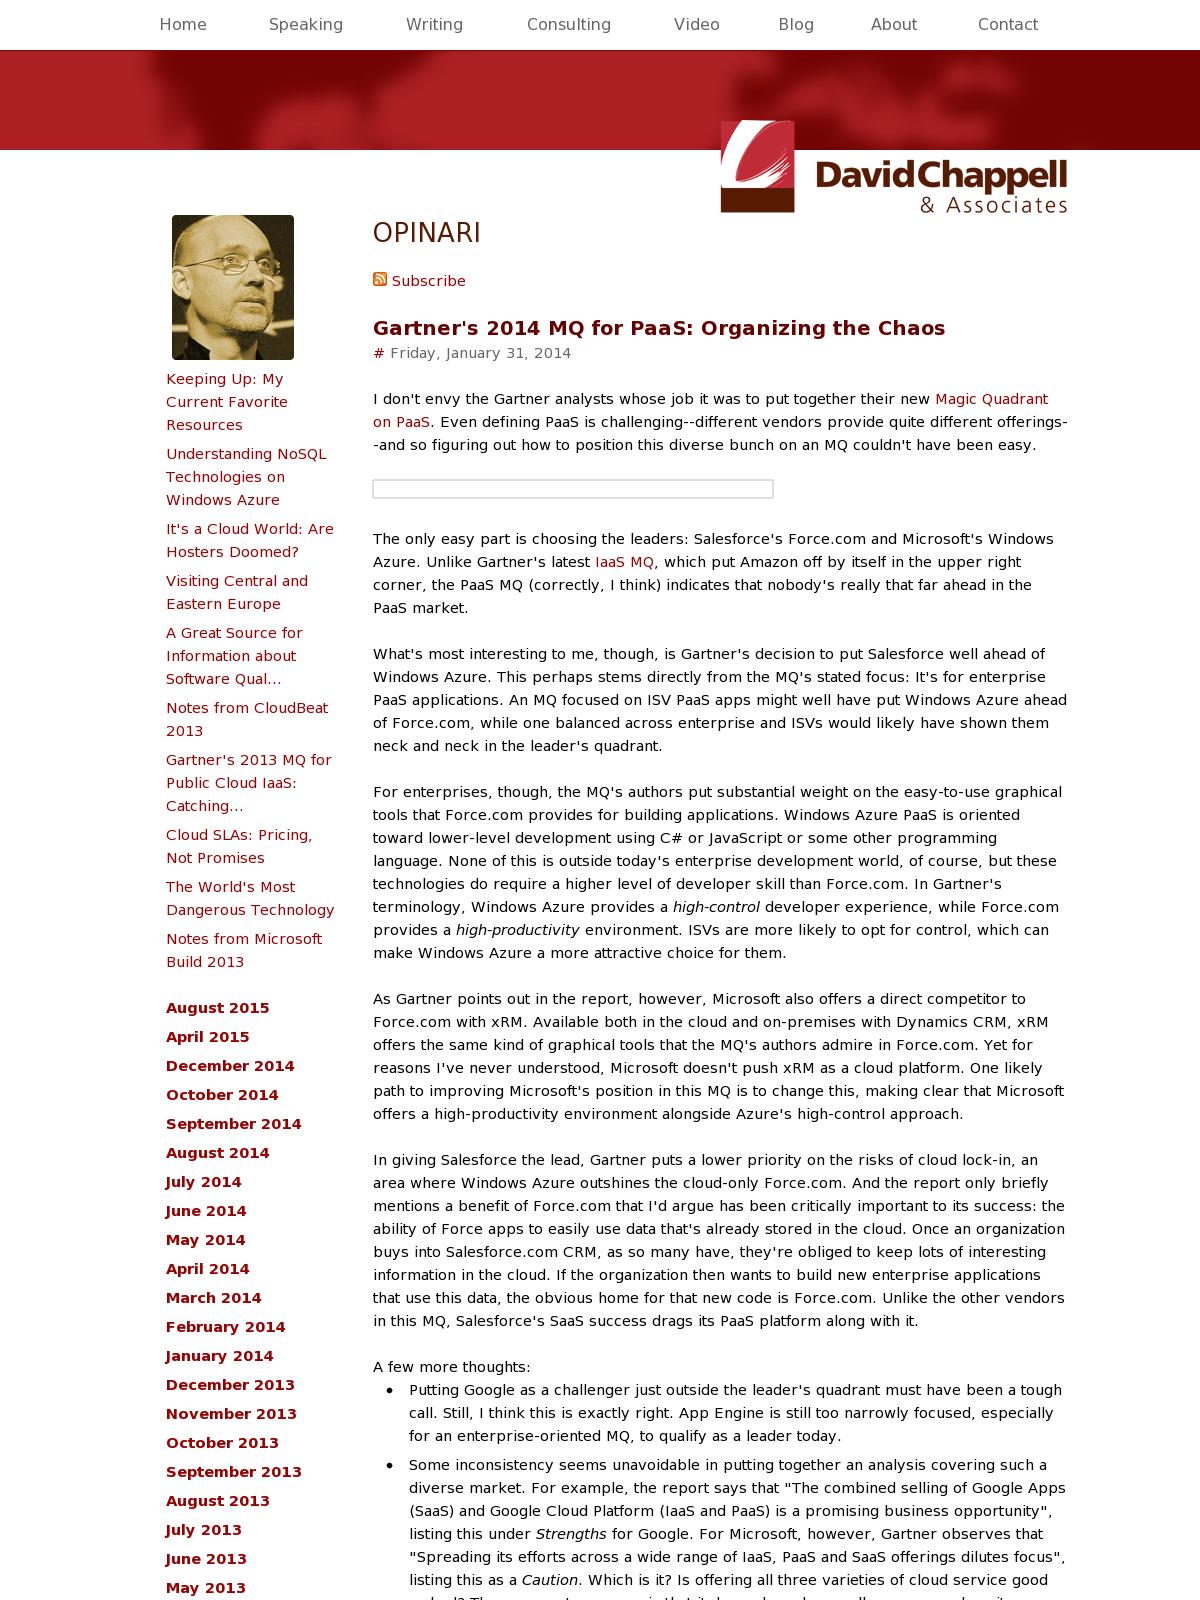 Gartner S Top 10 Strategic Technology Trends For 2015: Gartner's 2014 MQ For PaaS: Organizing The Chaos